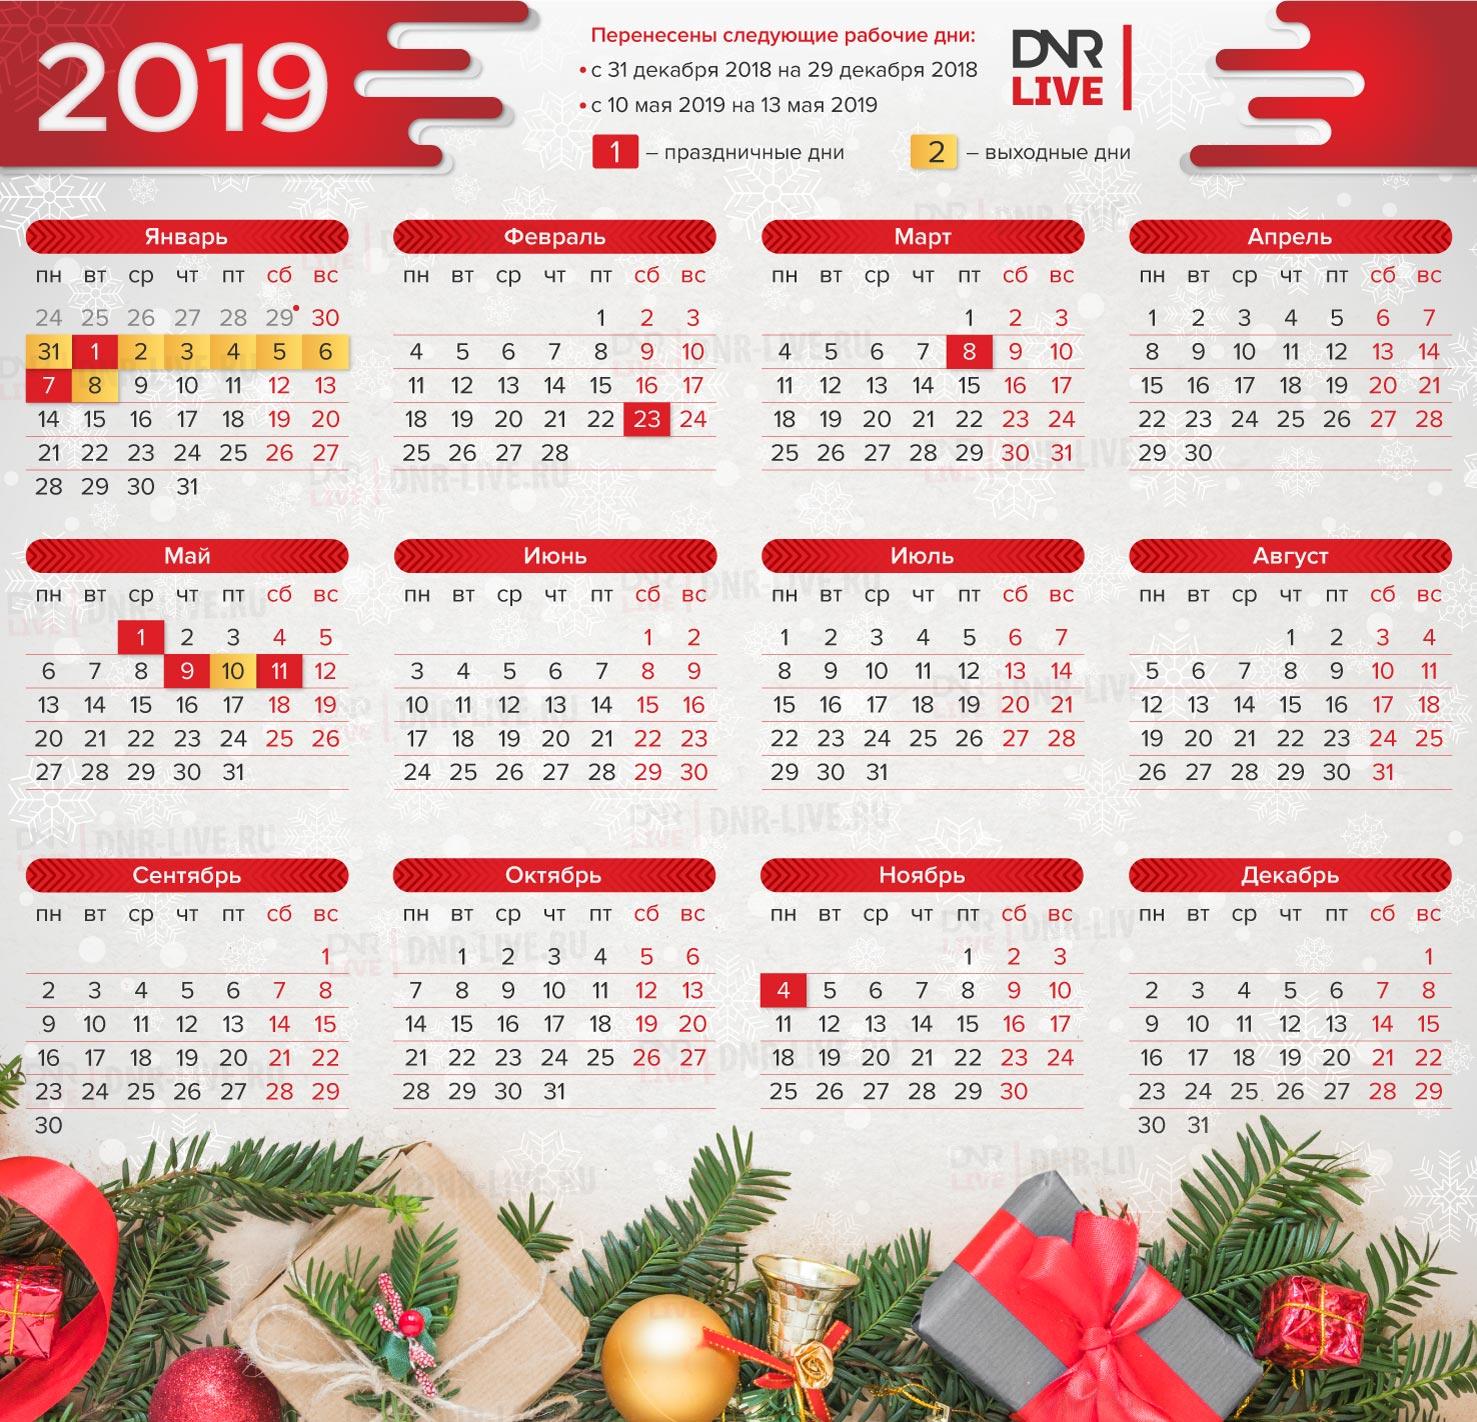 календарь 2019 днр